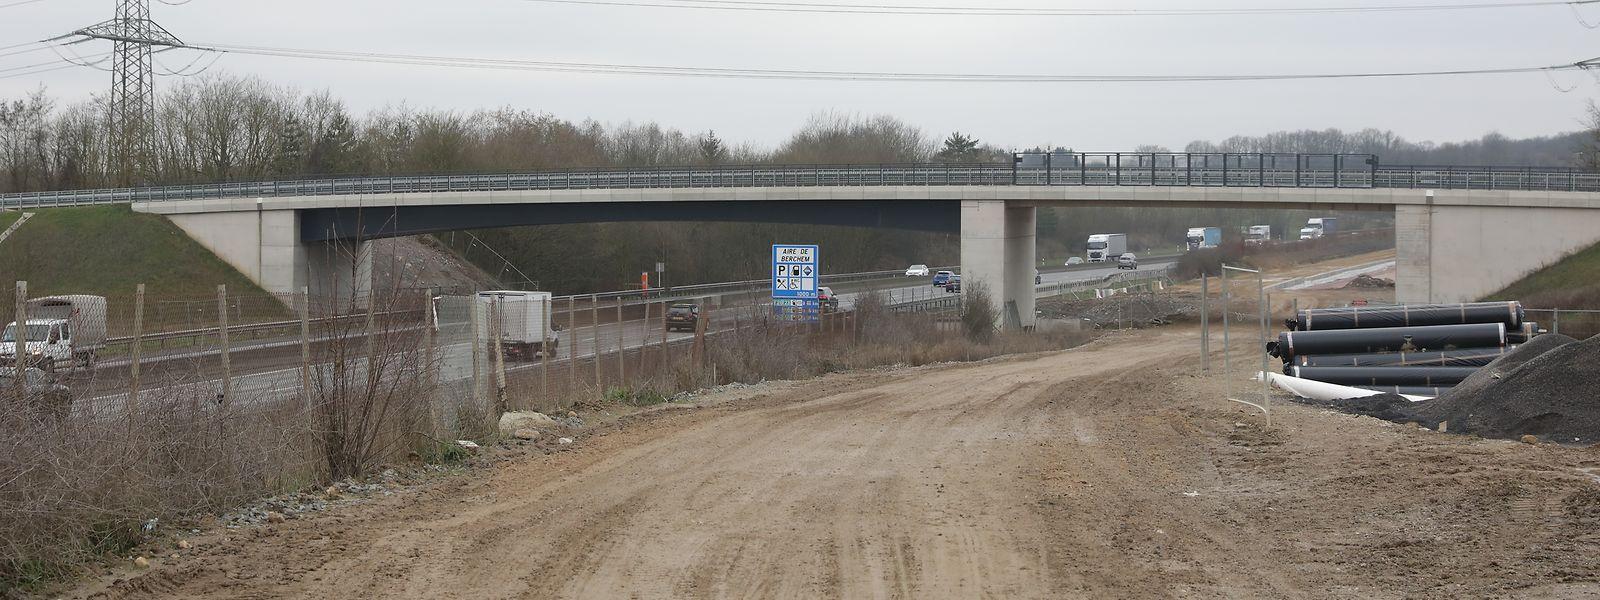 Die neue Zugstrecke wird zum Teil direkt neben der Autobahn A3 errichtet.